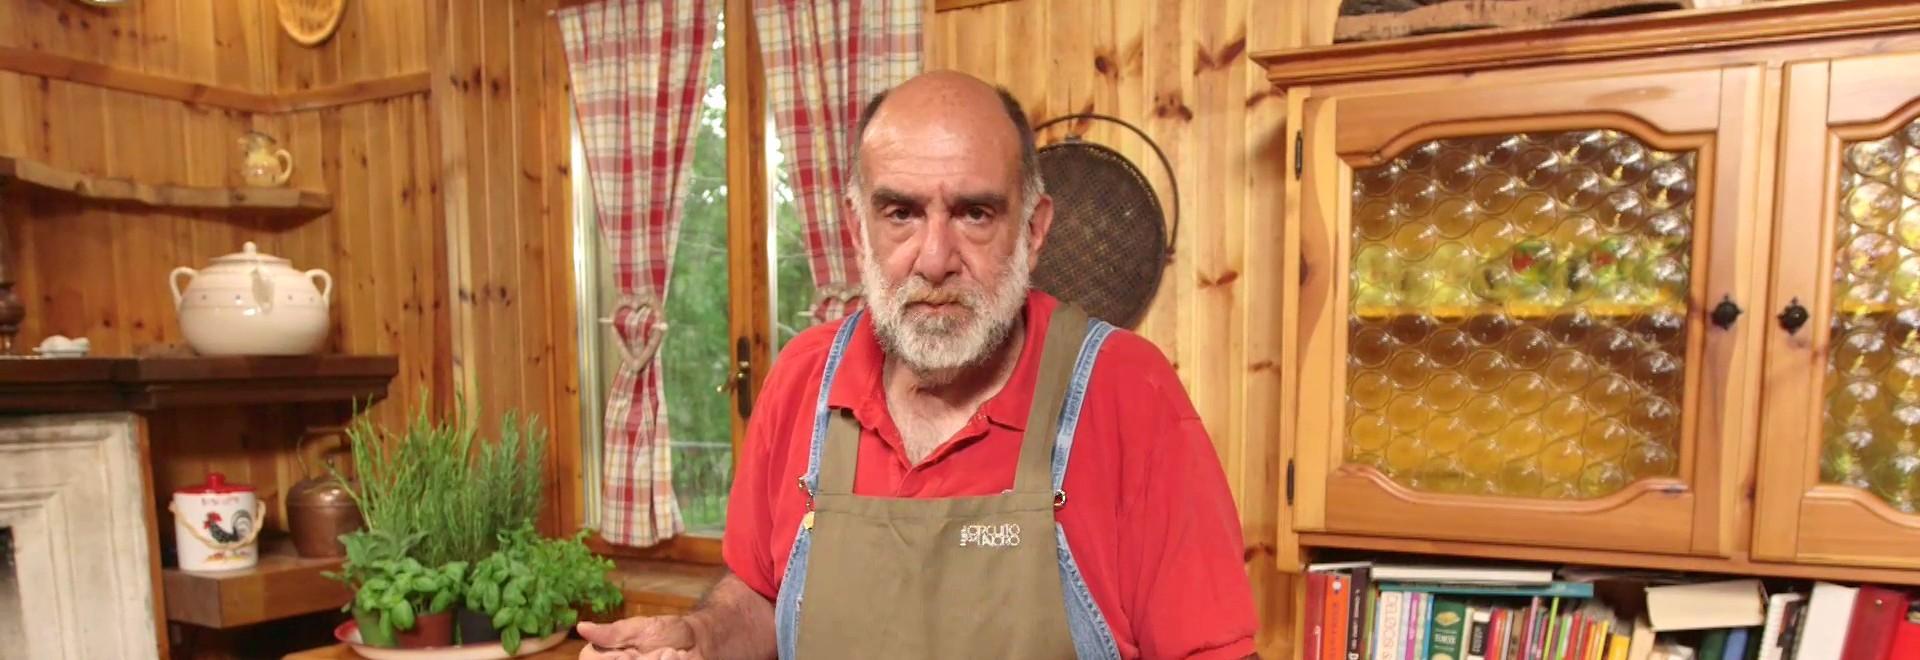 Giorgione orto e cucina - L'Aquila